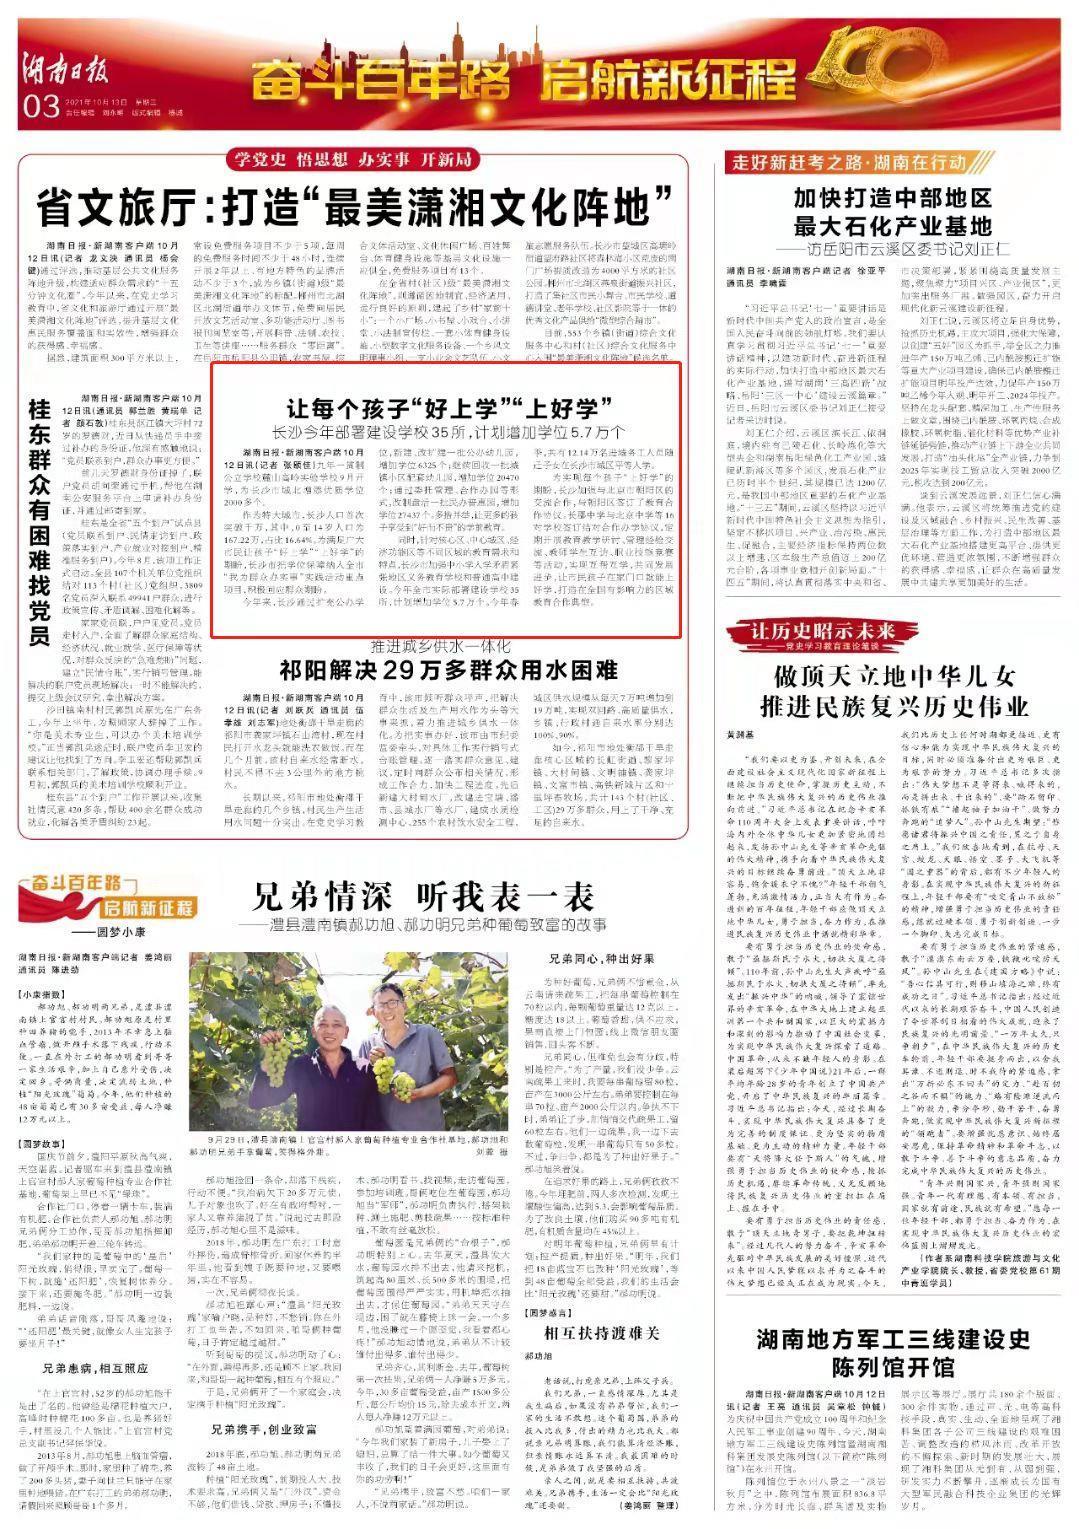 (刊载于《湖南日报》10月13日02版)